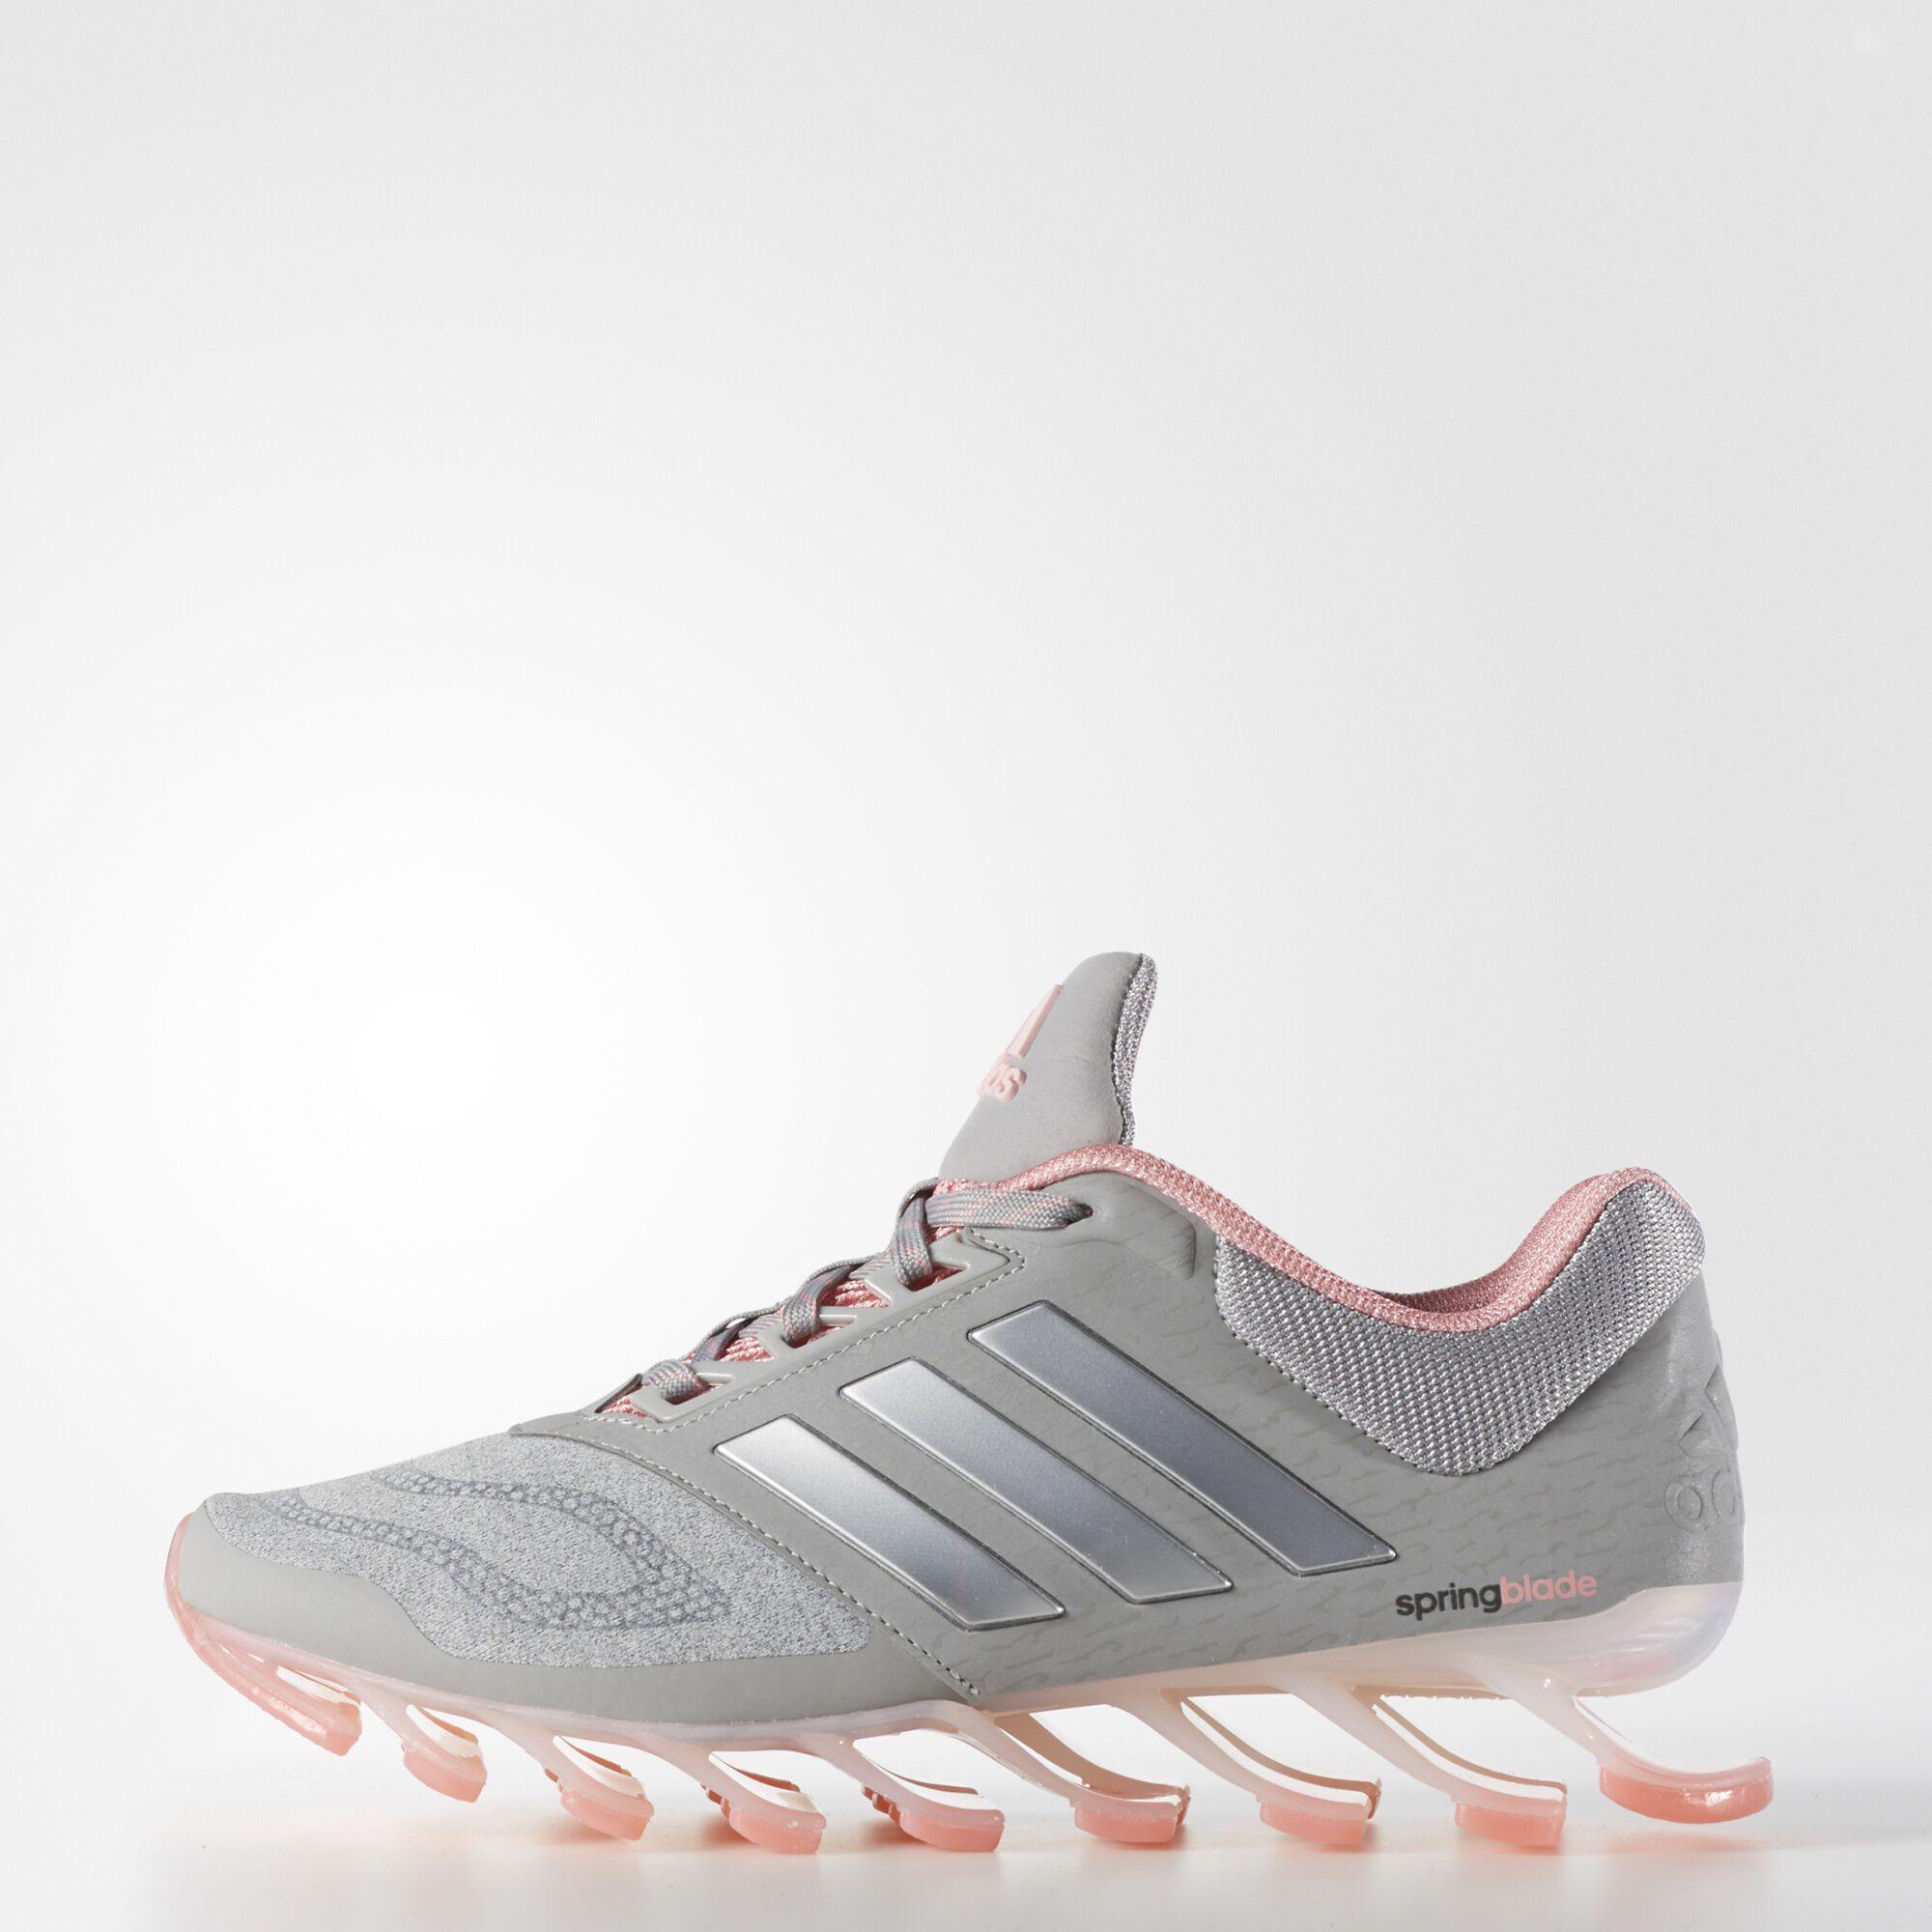 Funeral Expresión práctico  zapatillas adidas mujer foot locker - Tienda Online de Zapatos, Ropa y  Complementos de marca